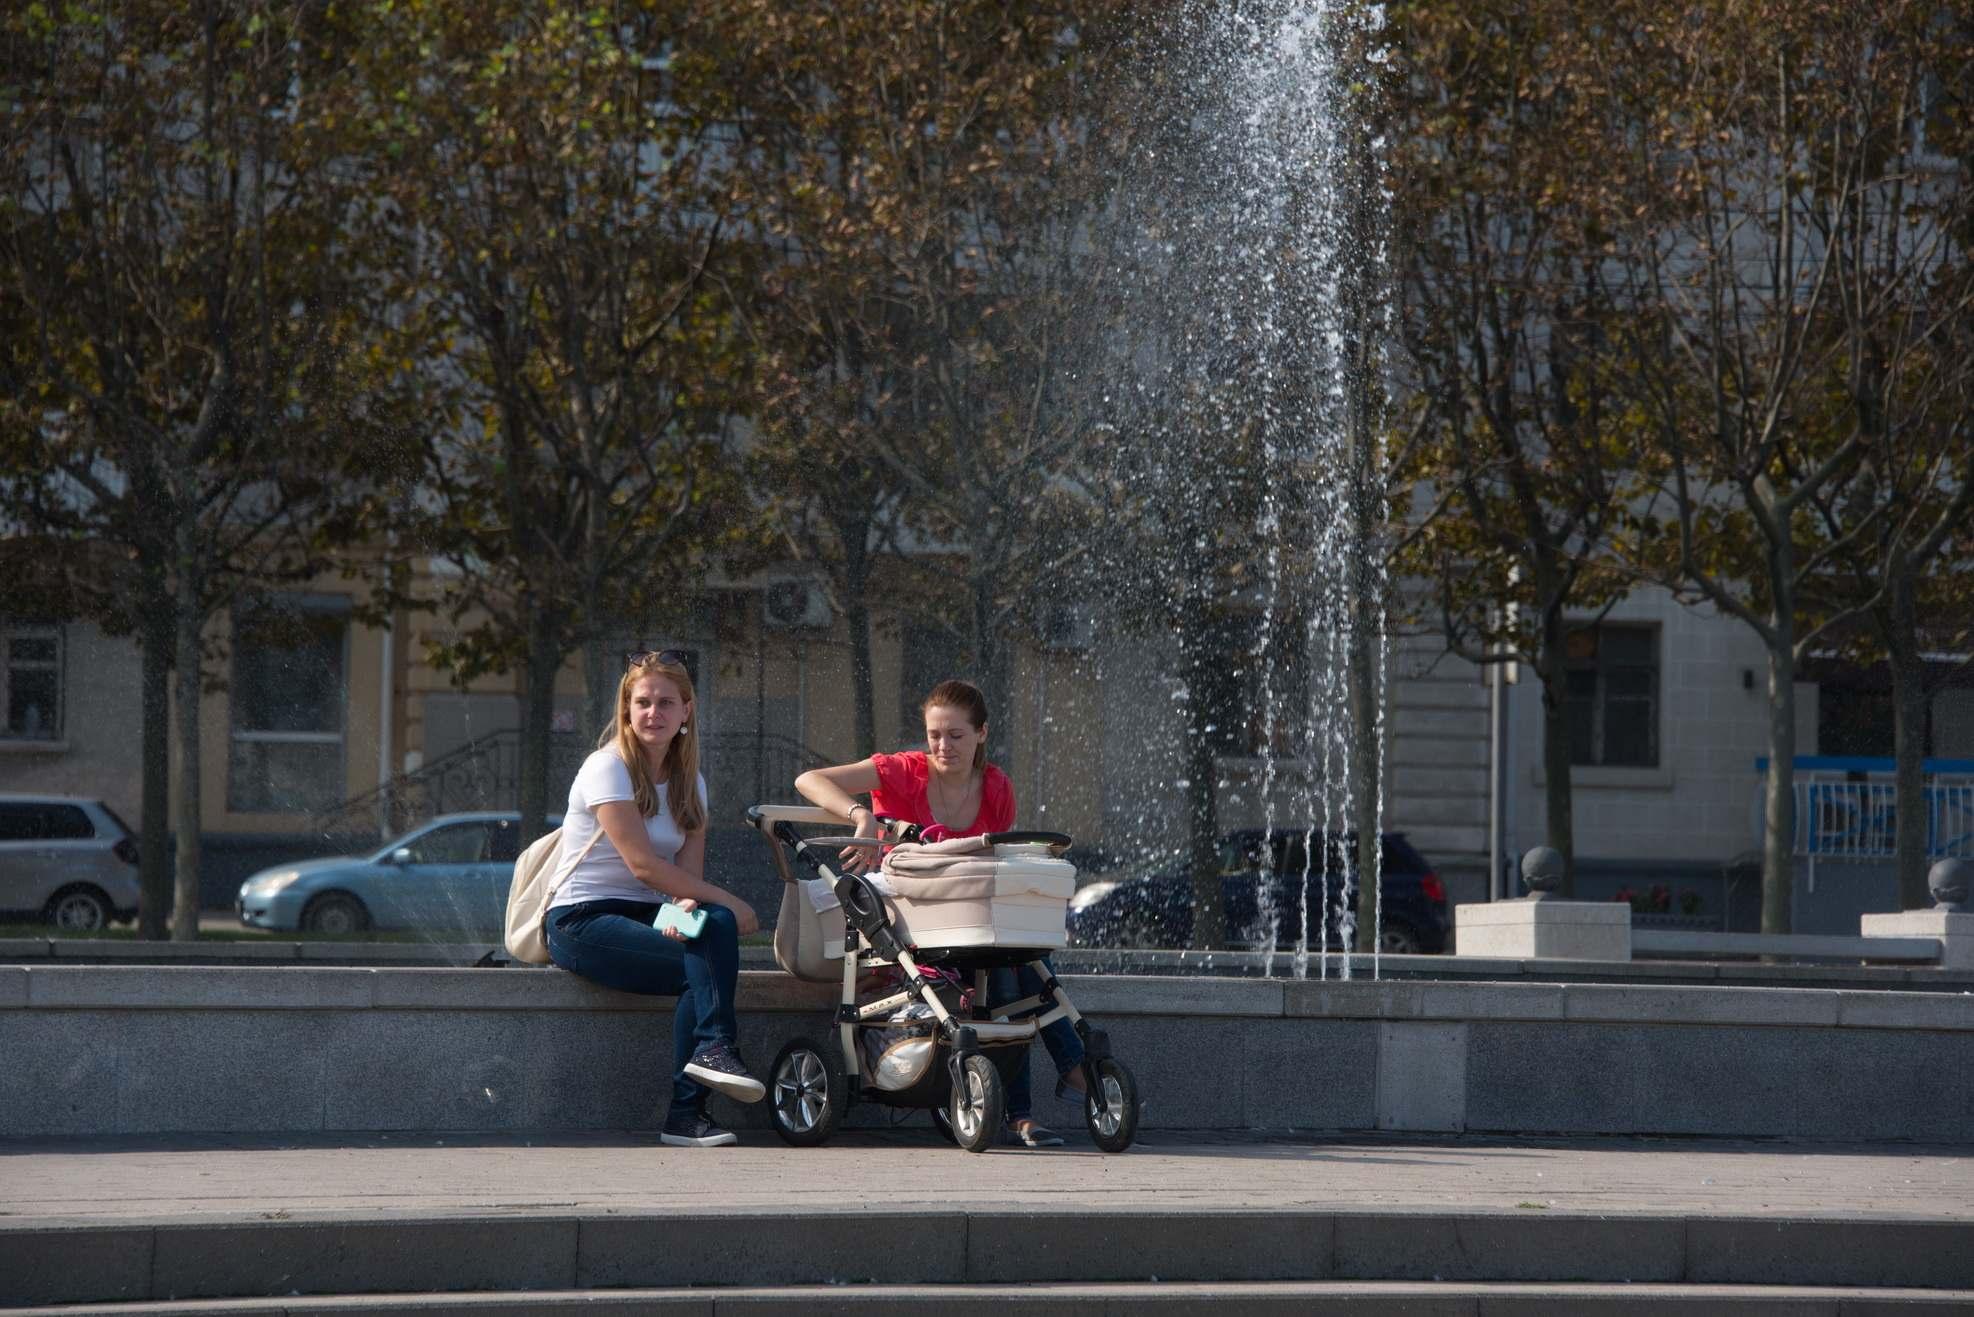 В Новороссийске изнуряющая жара сменится легкой свежестью: три дня дождя принесут облегчение